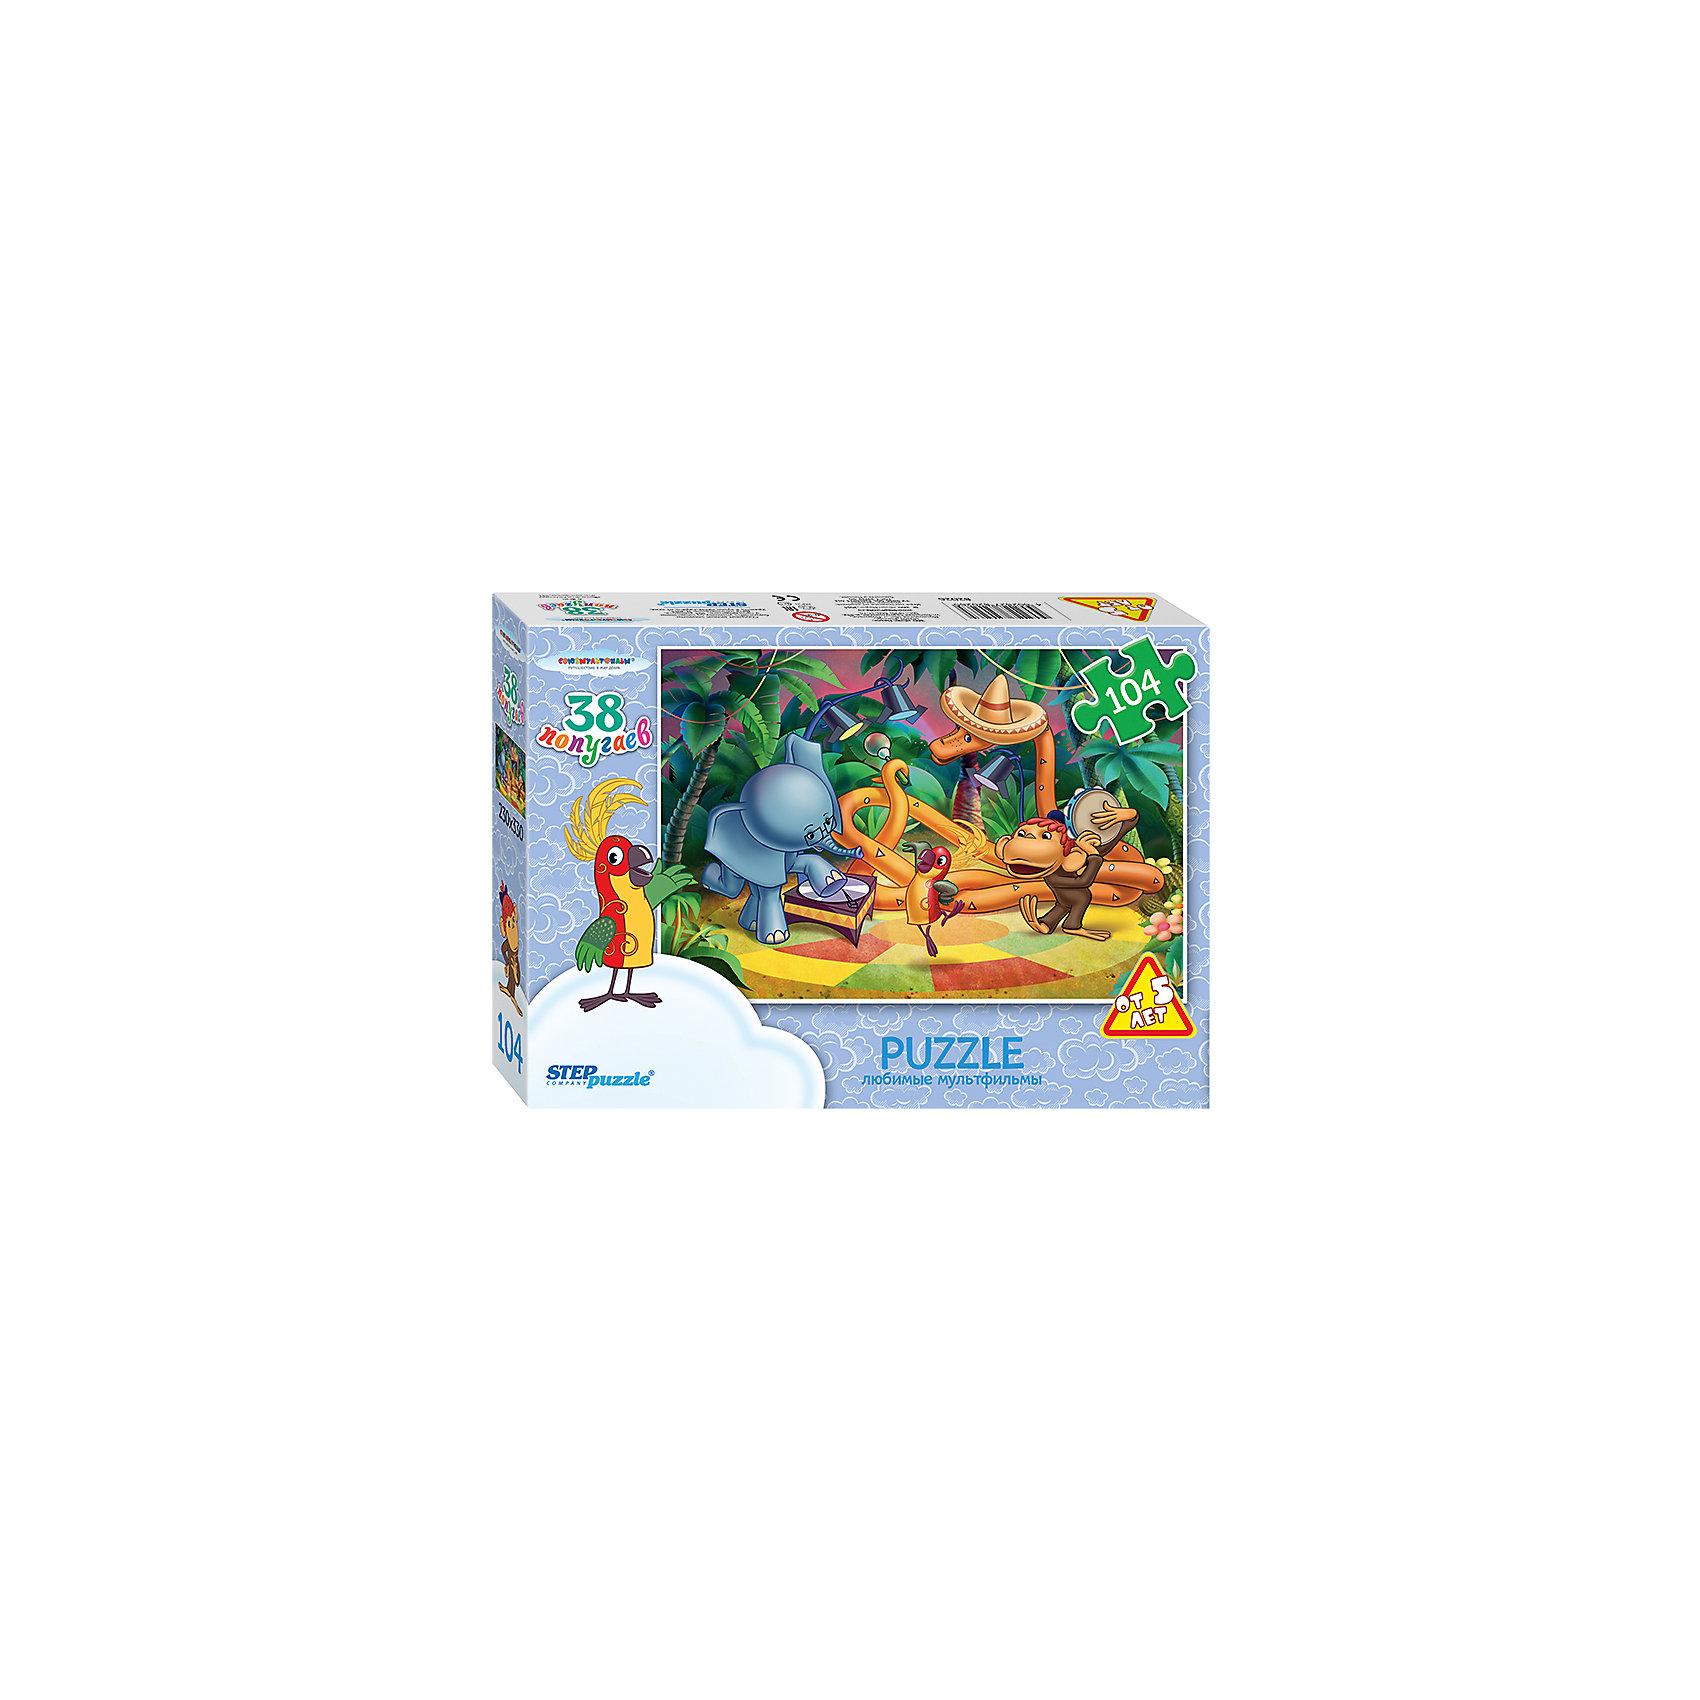 Пазл Тридцать восемь попугаев, 104 детали, Step PuzzleПазл Тридцать восемь попугаев, 104 детали, Step Puzzle (Степ Пазл) – это замечательный красочный пазл с изображением любимых героев.<br>Пазлы «Союзмультфильм» от Step Puzzle (Степ Пазл) – напомнят о любимых сказочных героях знакомых с детства мультфильмов. Подарите ребенку чудесный пазл Тридцать восемь попугаев, и он будет увлеченно подбирать детали, пока не составит яркую и интересную картинку, на которой изображены любимые герои: Удав, Мартышка, Попугай и Слоненок. Удав одел сомбреро, и играет на маракасе, Мартышка весело бьет в бубен, а Попугай и Слоненок танцуют. Сборка пазла Тридцать восемь попугаев от Step Puzzle (Степ Пазл) подарит Вашему ребенку не только множество увлекательных вечеров, но и принесет пользу для развития. Координация, моторика, внимательность легко тренируются, пока ребенок увлеченно подбирает детали. Качественные фрагменты пазла отлично проклеены и идеально подходят один к другому, поэтому сборка пазла обеспечит малышу только положительные эмоции. Вы будете использовать этот пазл не один год, ведь благодаря качественной нарезке детали не расслаиваются даже после многократного использования.<br><br>Дополнительная информация:<br><br>- Количество деталей: 104<br>- Материал: картон<br>- Размер собранной картинки: 33х23 см.<br>- Отличная проклейка<br>- Долгий срок службы<br>- Детали идеально подходят друг другу<br>- Яркий сюжет<br>- Упаковка: картонная коробка<br>- Размер упаковки: 195x35x140 мм.<br>- Вес: 400 гр.<br><br>Пазл Тридцать восемь попугаев, 104 детали, Step Puzzle (Степ Пазл) можно купить в нашем интернет-магазине.<br><br>Ширина мм: 195<br>Глубина мм: 35<br>Высота мм: 140<br>Вес г: 400<br>Возраст от месяцев: 60<br>Возраст до месяцев: 144<br>Пол: Унисекс<br>Возраст: Детский<br>SKU: 4588272